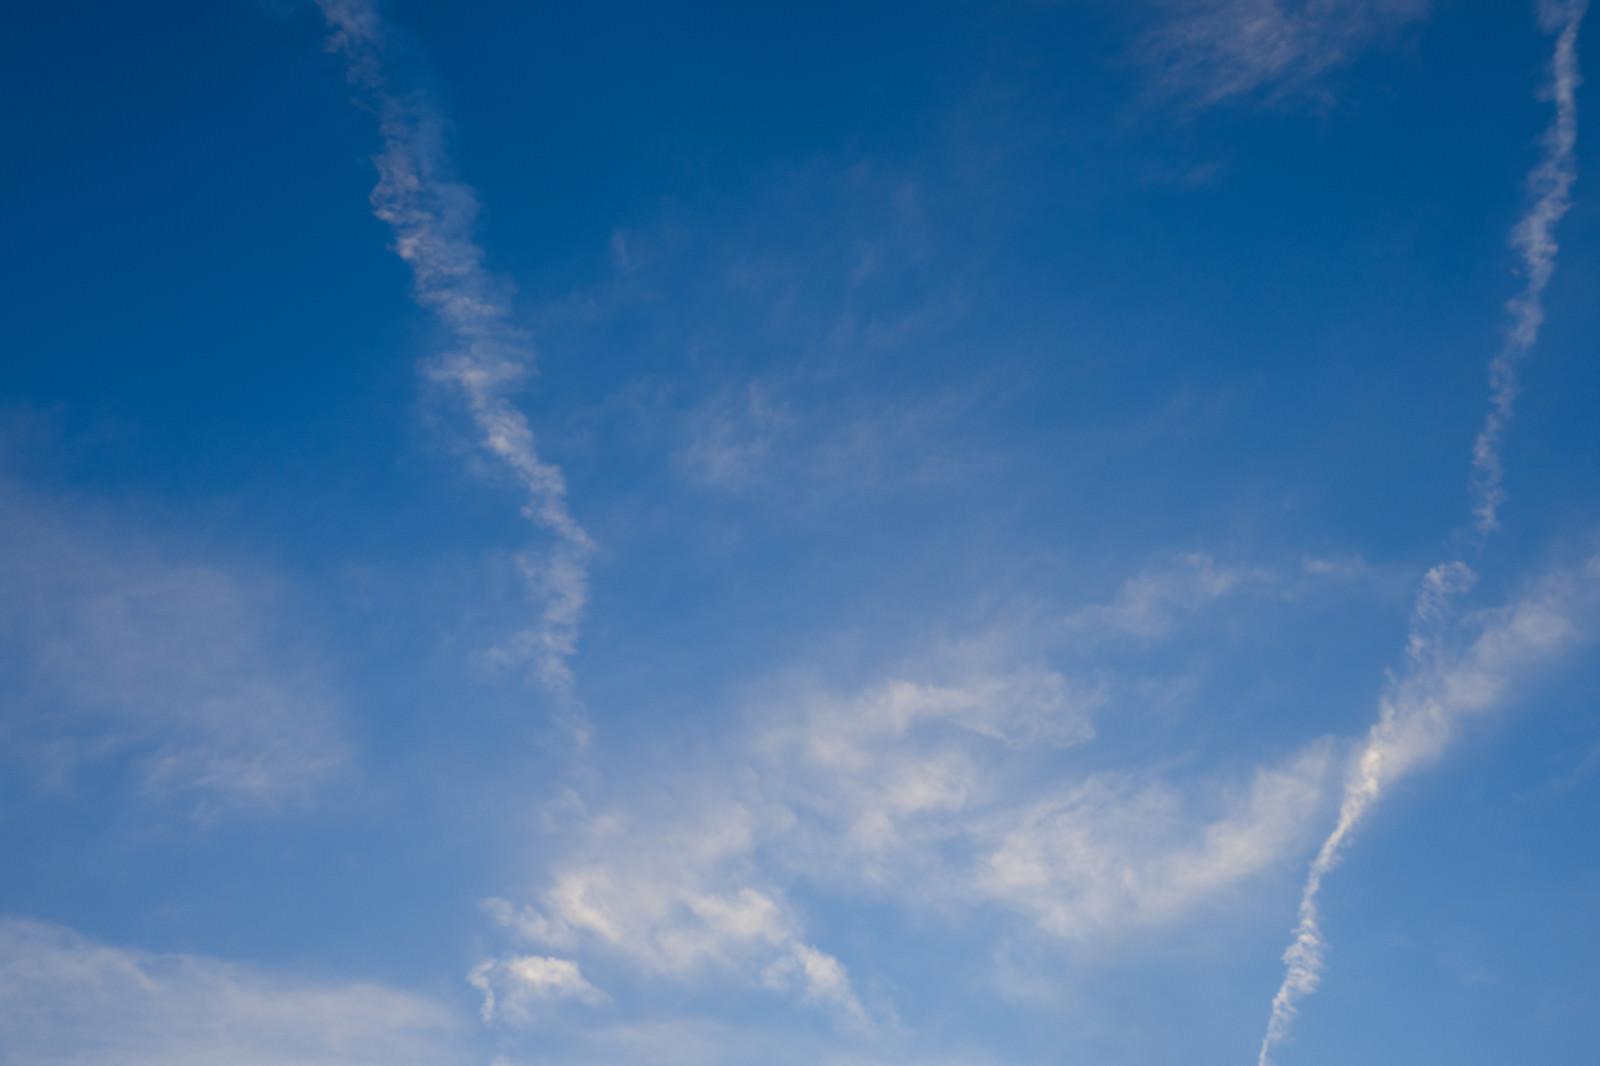 「日が暮れてきた空」の写真